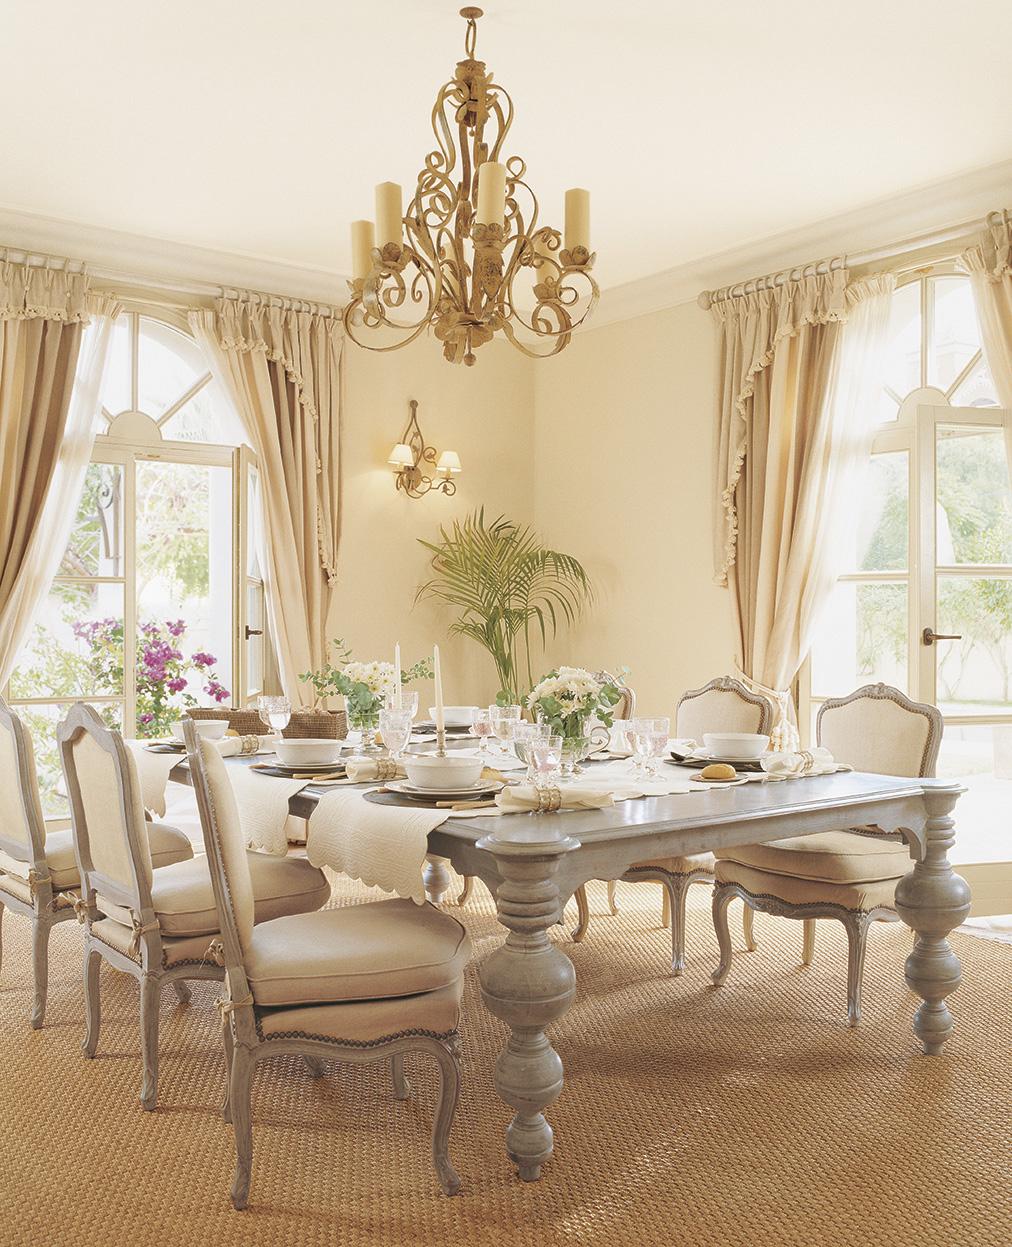 00161233. Comedor de estilo clásico con muebles en blanco y gris sobre una gran alfombra y una lámpara de araña en dorado_00161233